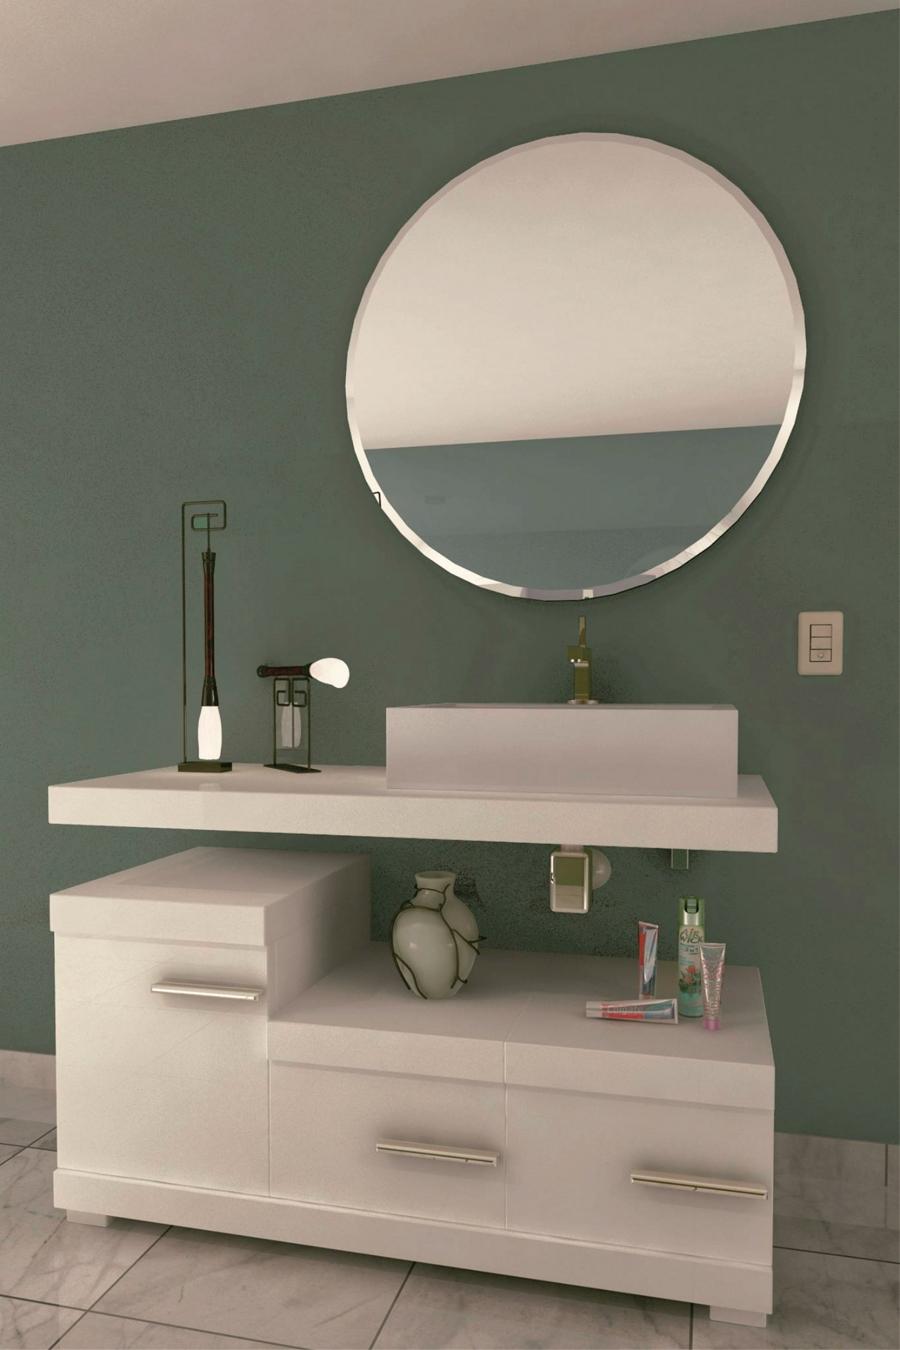 Espejo biselado mod 126 gldesign espejos con luz - Espejos biselados para banos ...